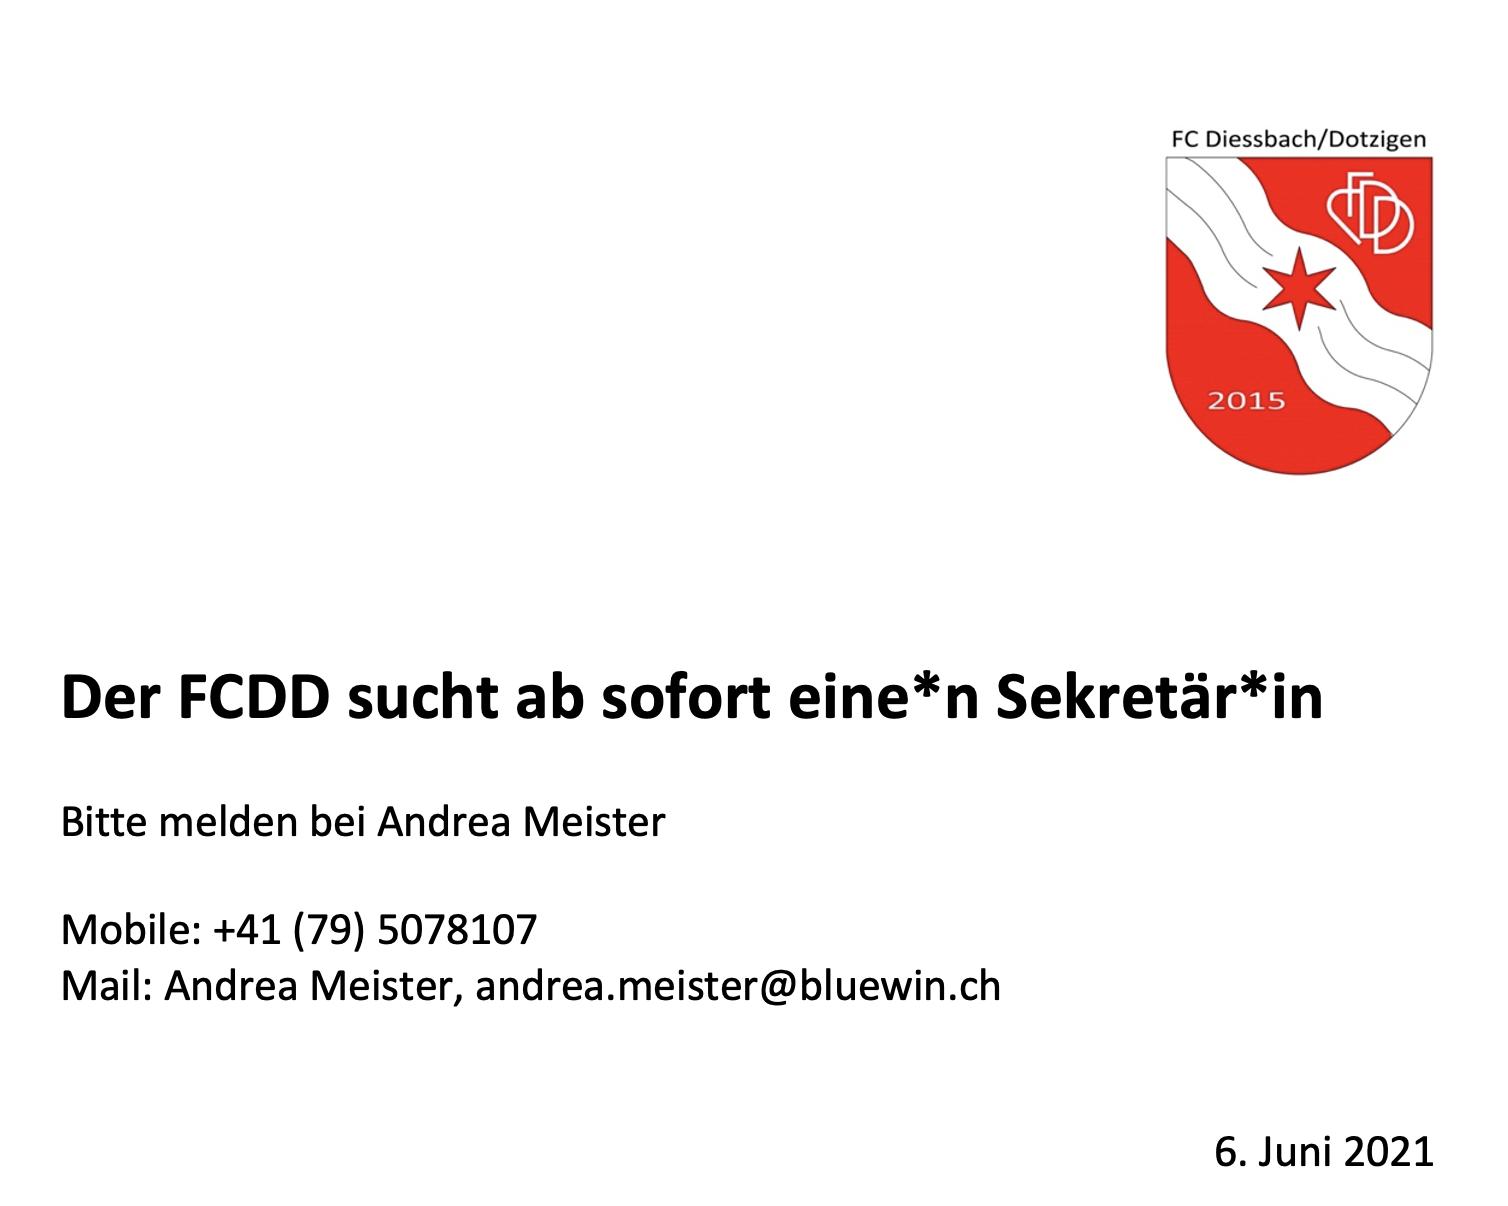 FCDDSekretärin